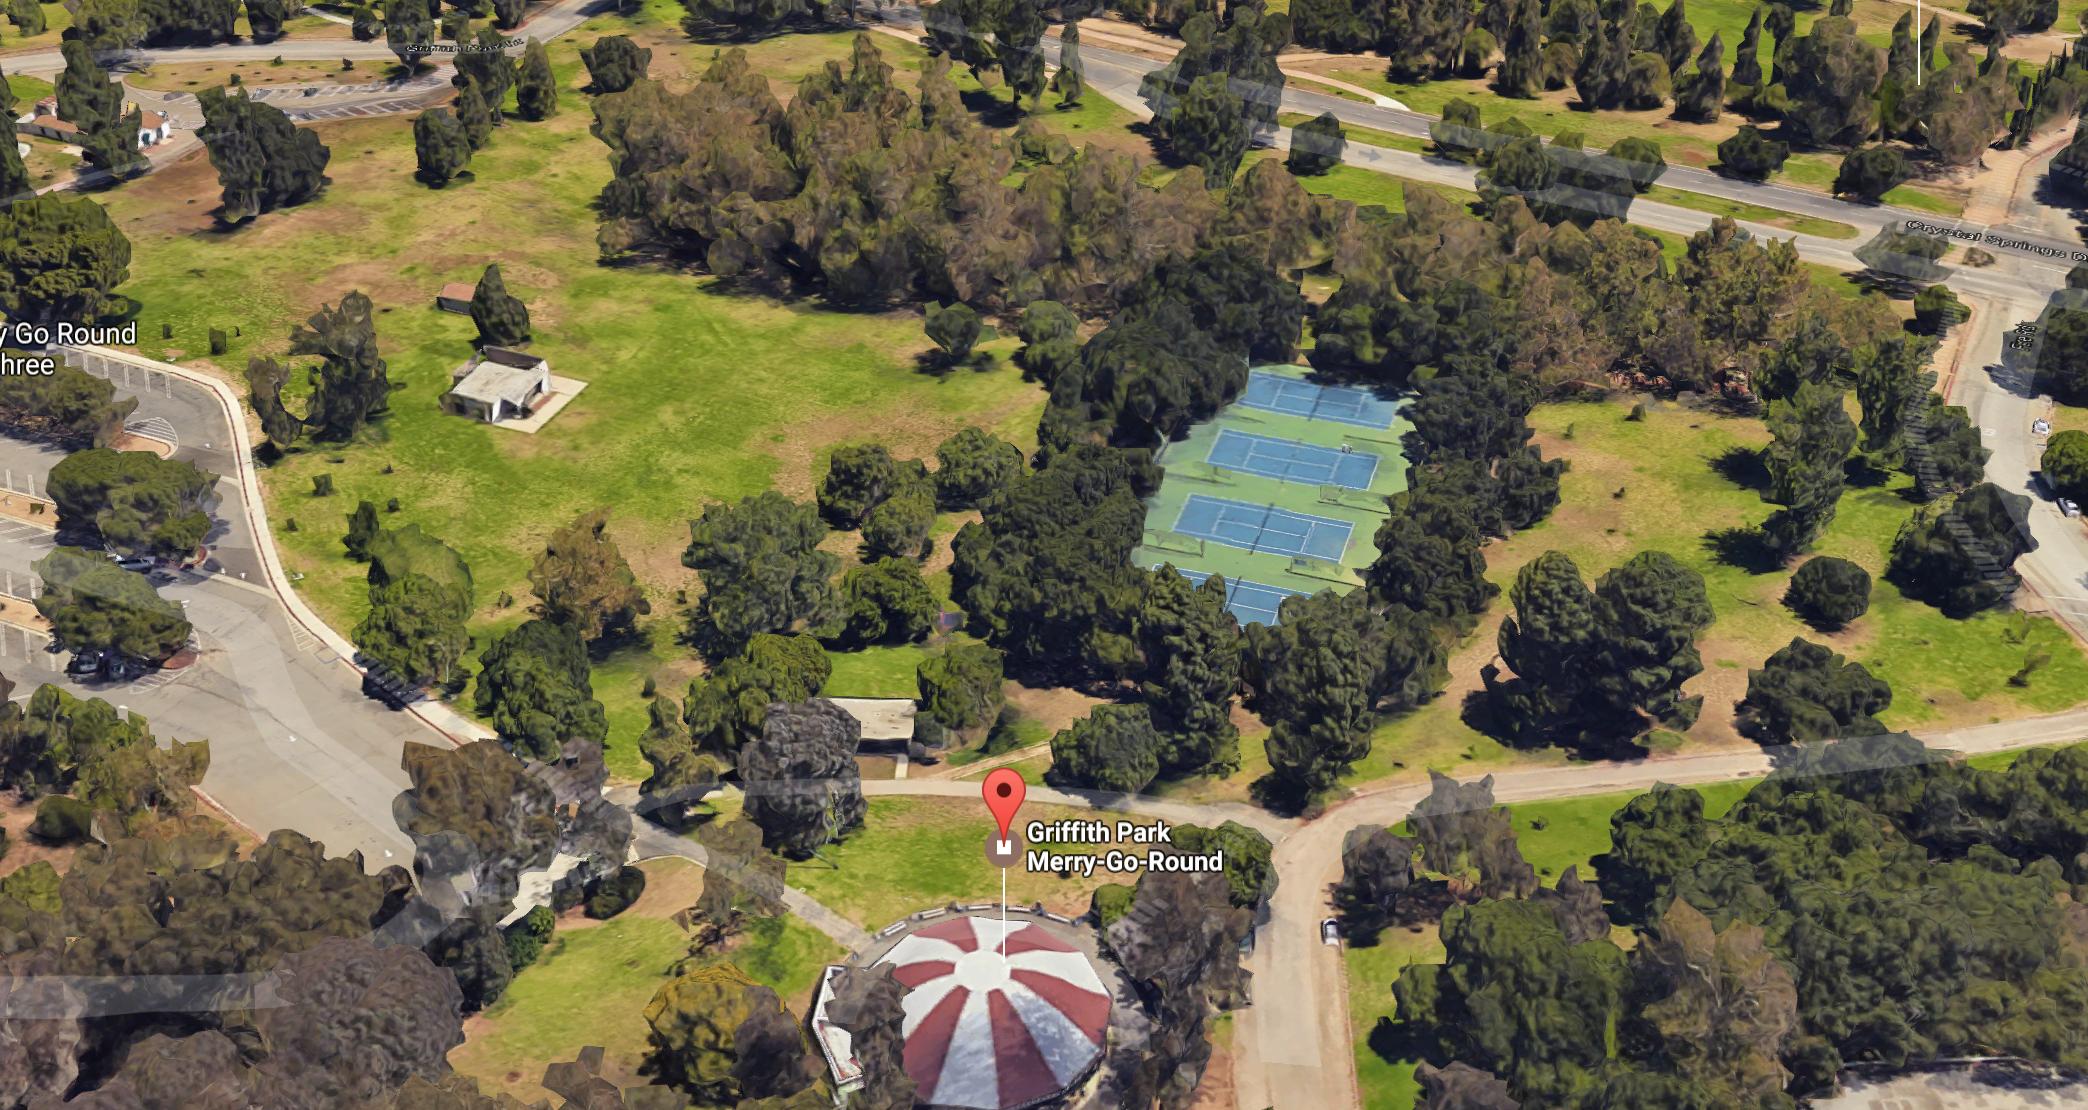 Griffith Park Merry Go Round Park